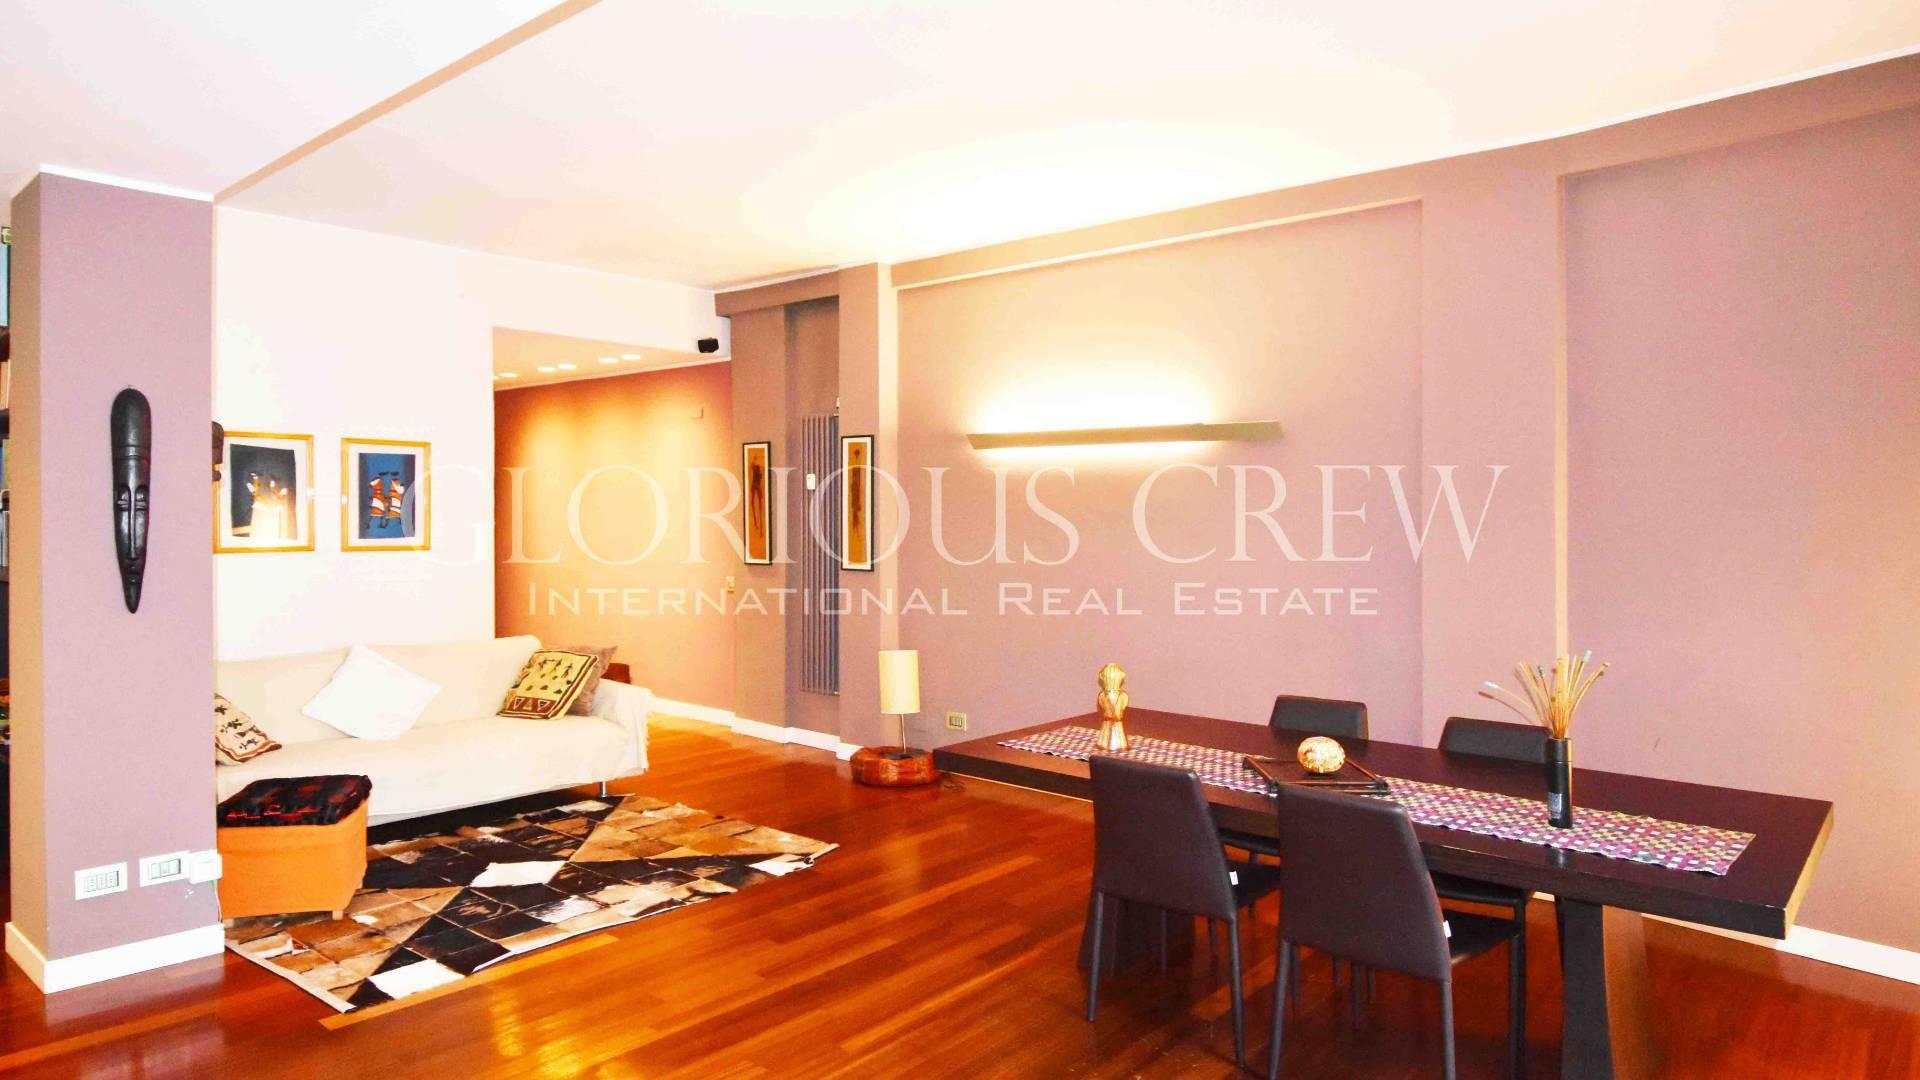 Appartamento in Affitto a Milano 06 Italia / Porta Romana / Bocconi / Lodi:  2 locali, 85 mq  - Foto 1